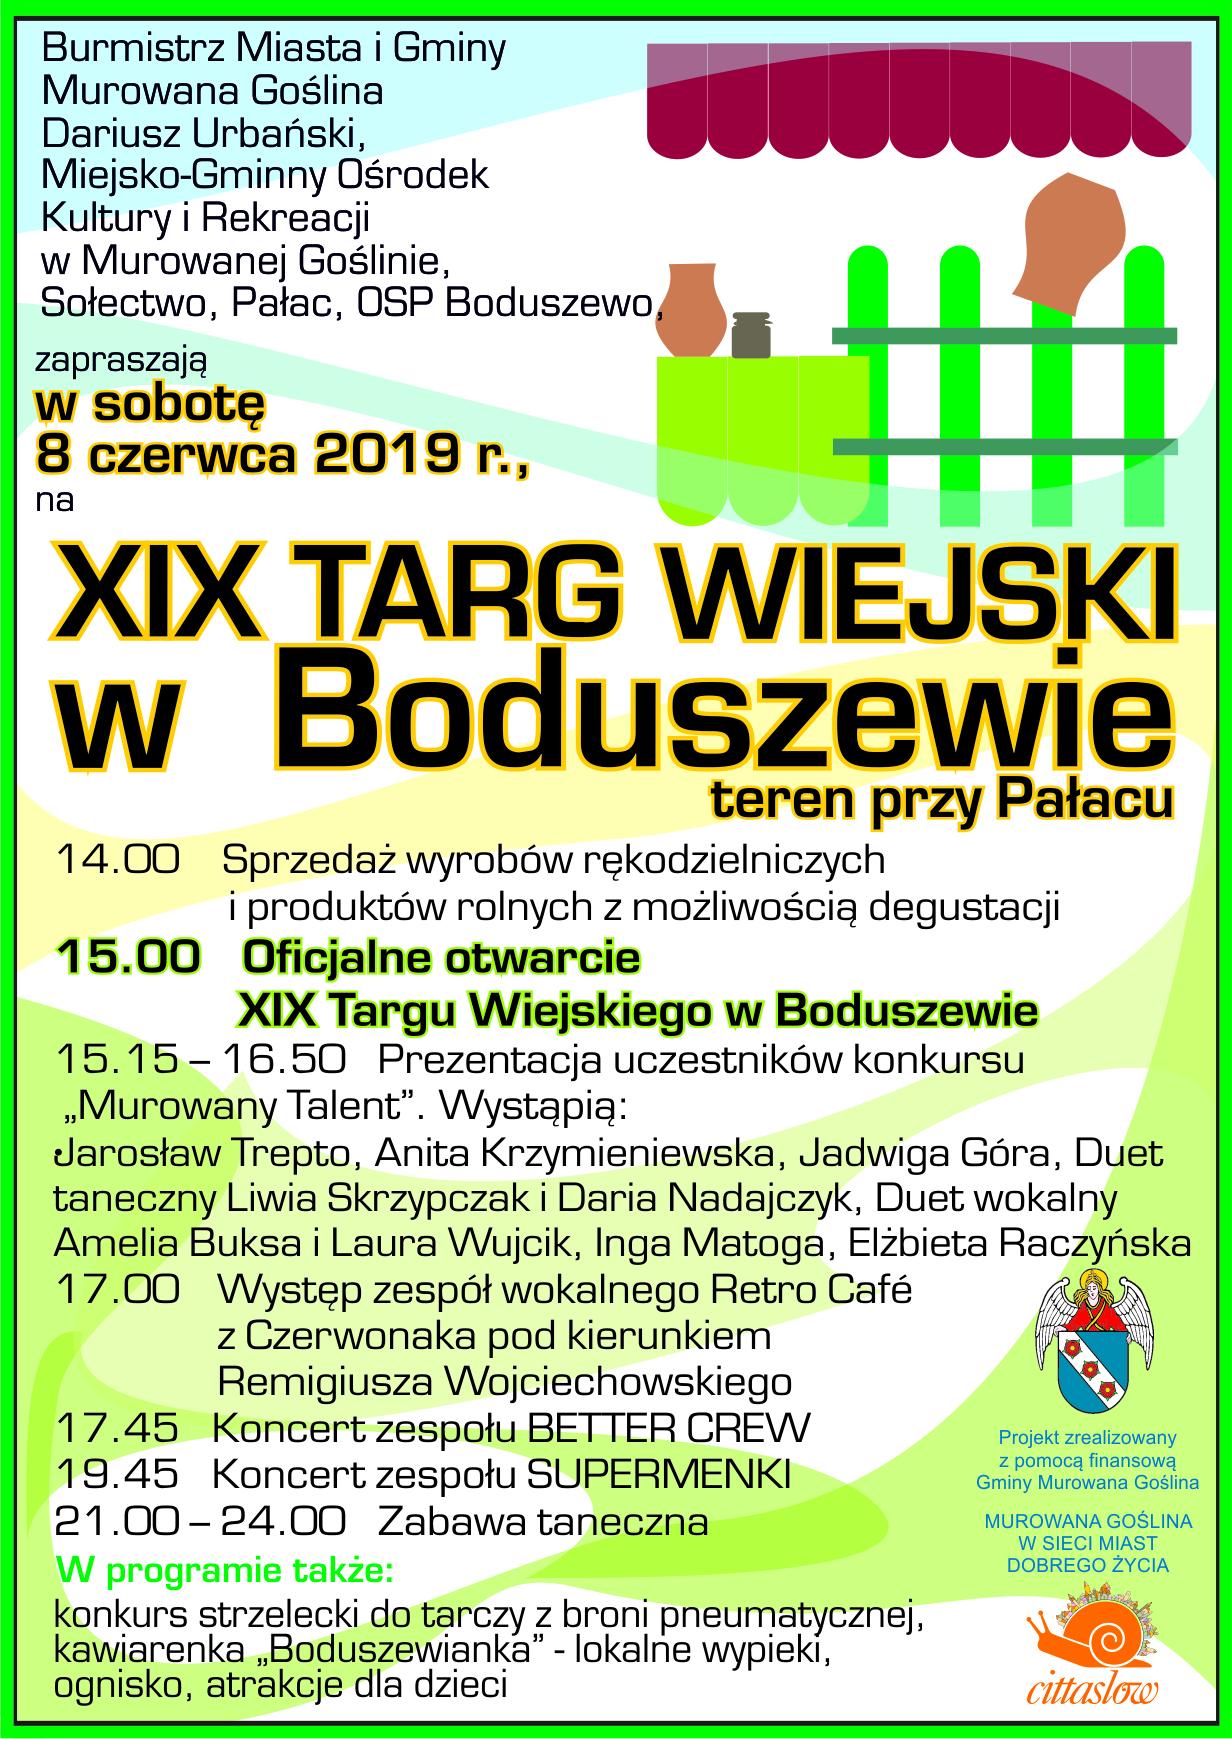 XIX Targ Wiejski